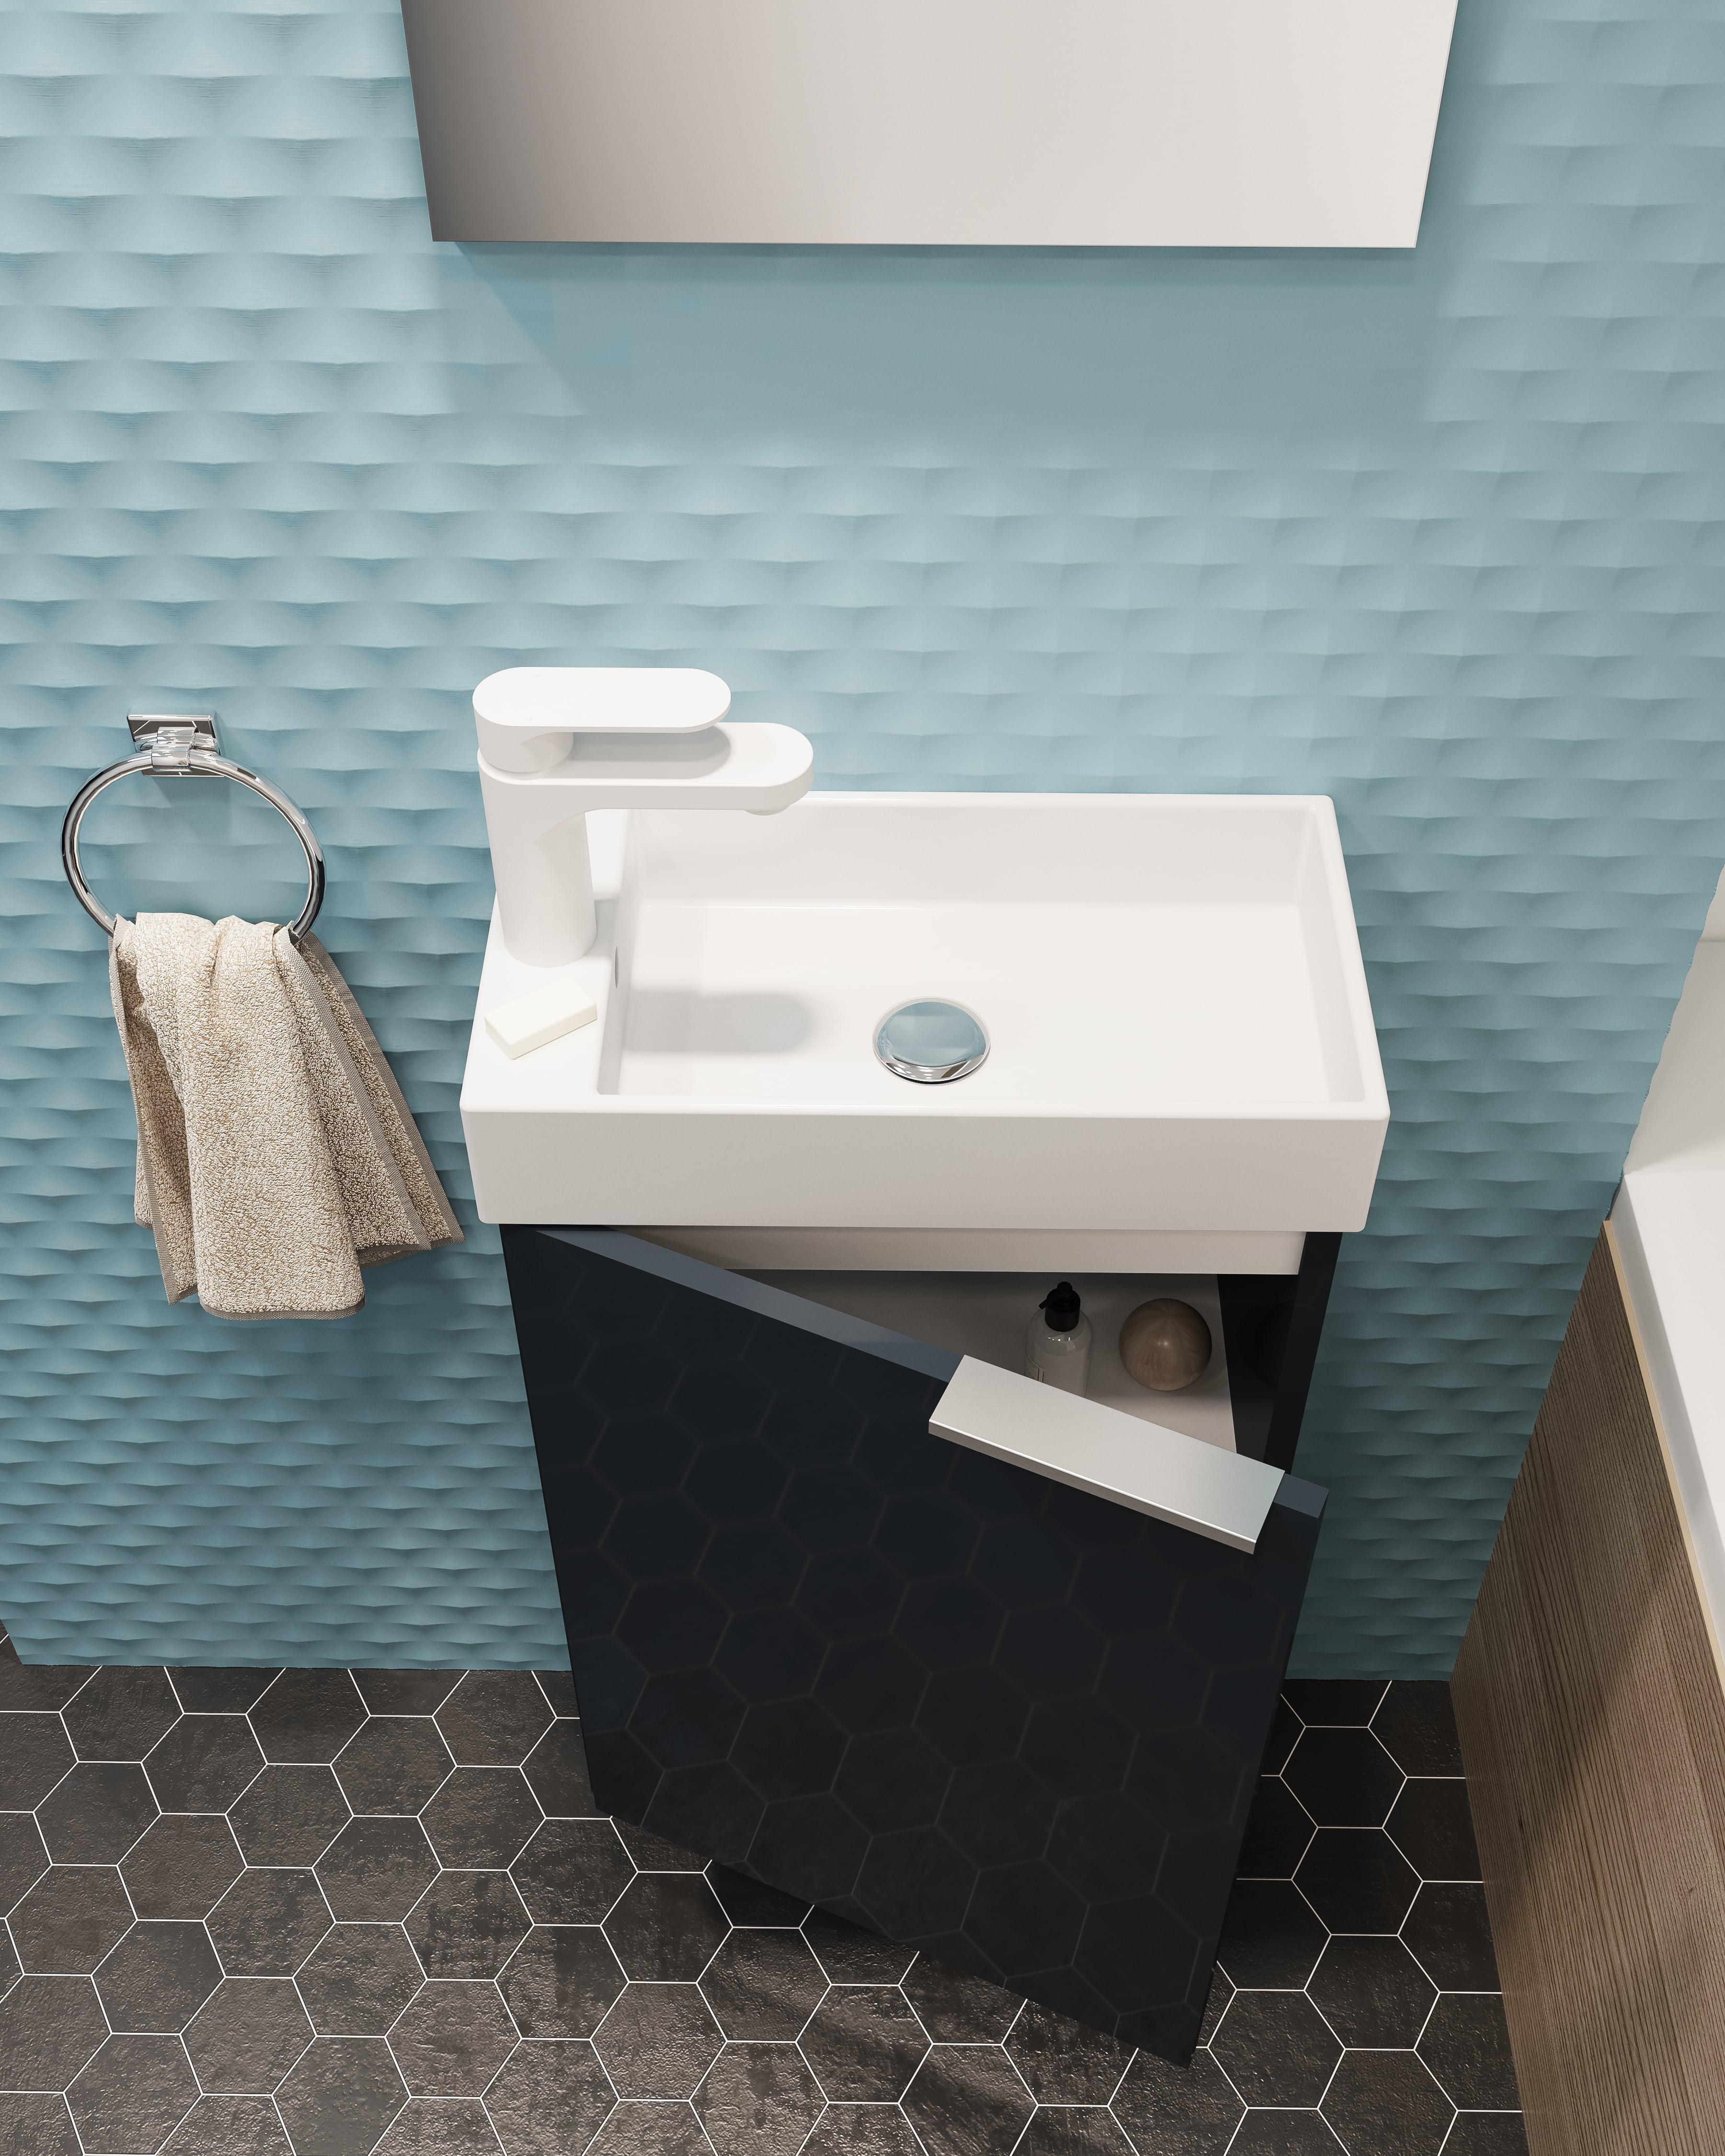 Blog łazienka Z Toaletą Czy Osobno Inbathpl